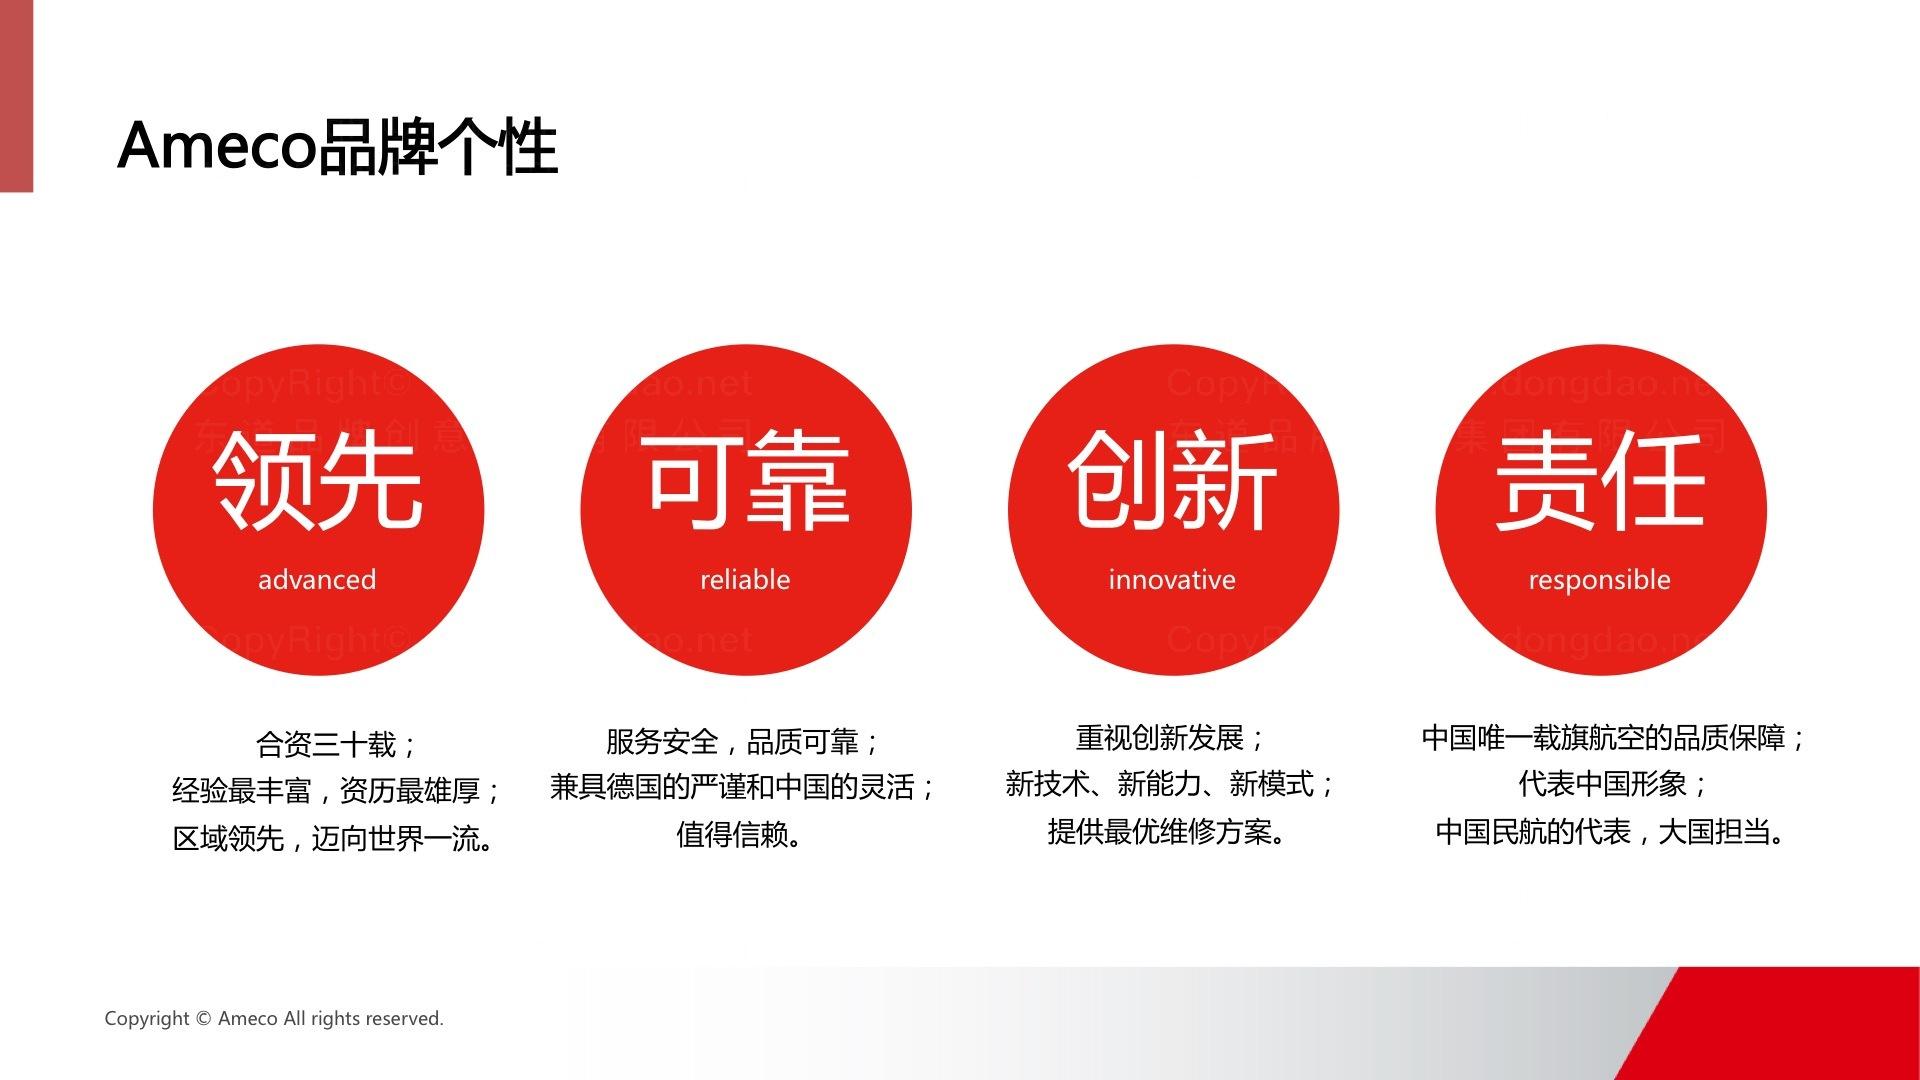 品牌战略&企业文化中国国航Ameco品牌战略规划应用场景_1